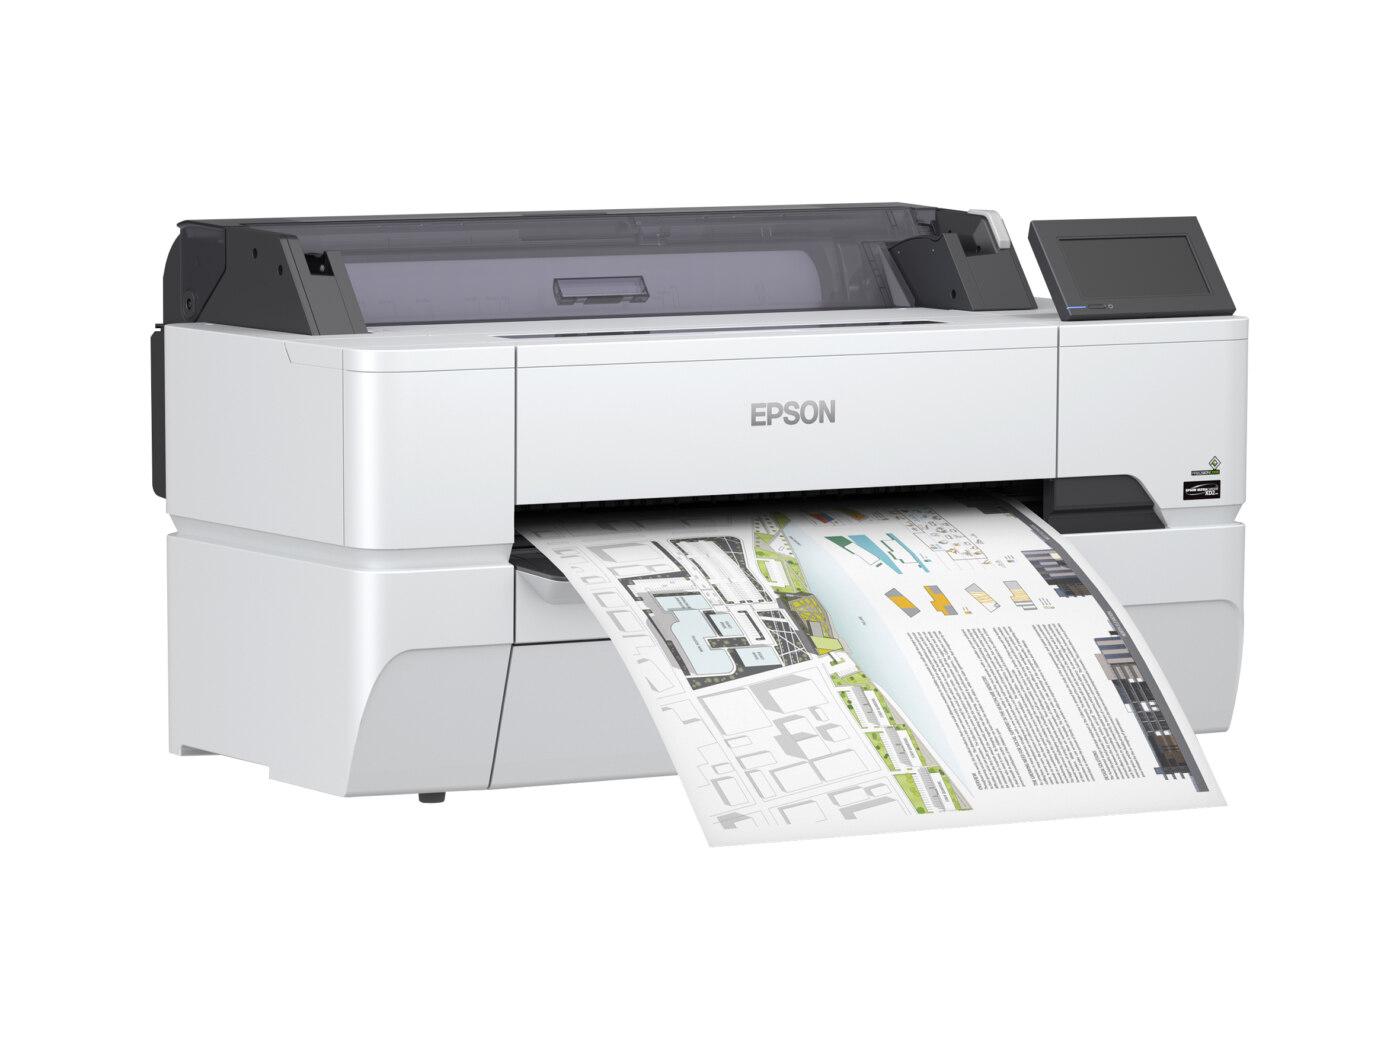 epson-surecolor-sc-t3400n-1-mid